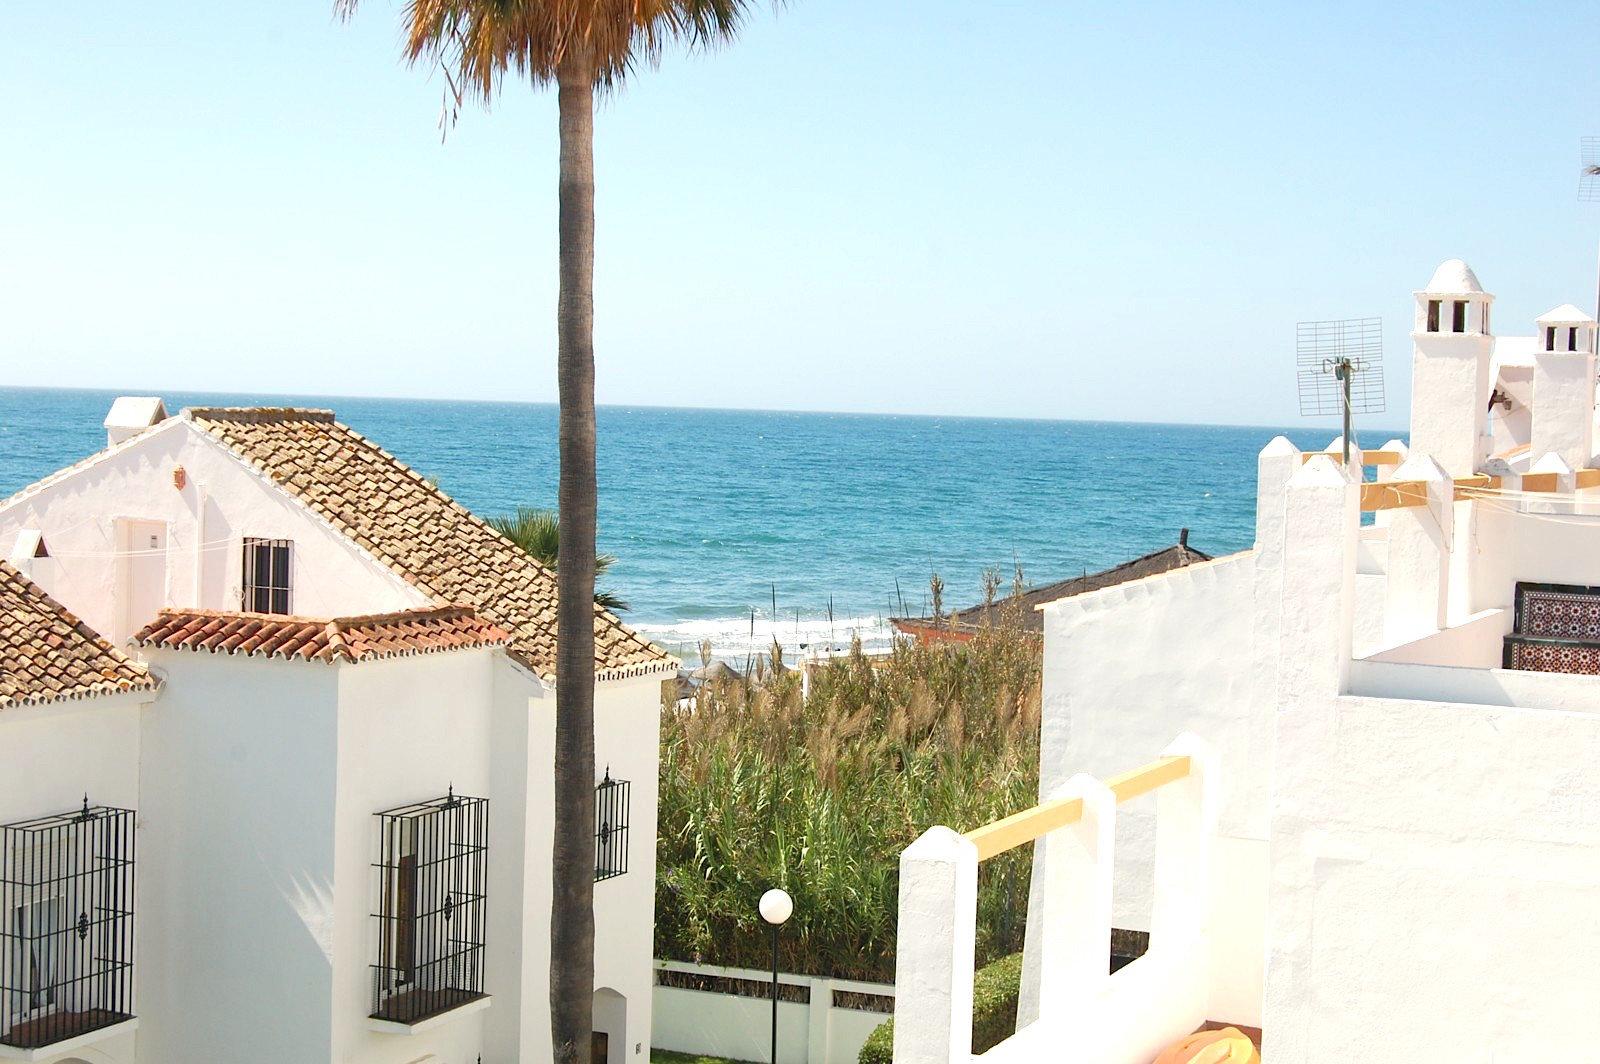 Adosado a la venta en Marbella